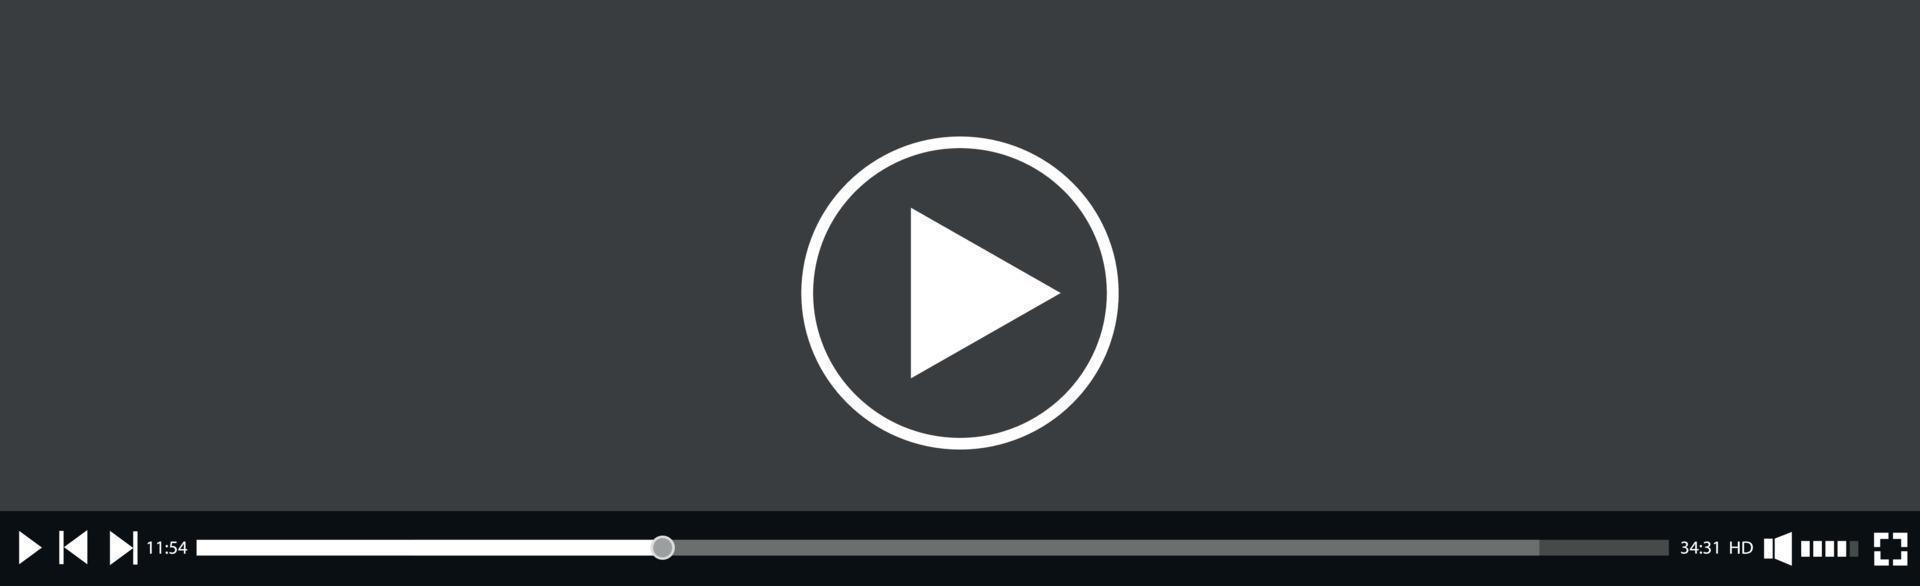 gränssnittsmall för video och mediaspelare - vektor